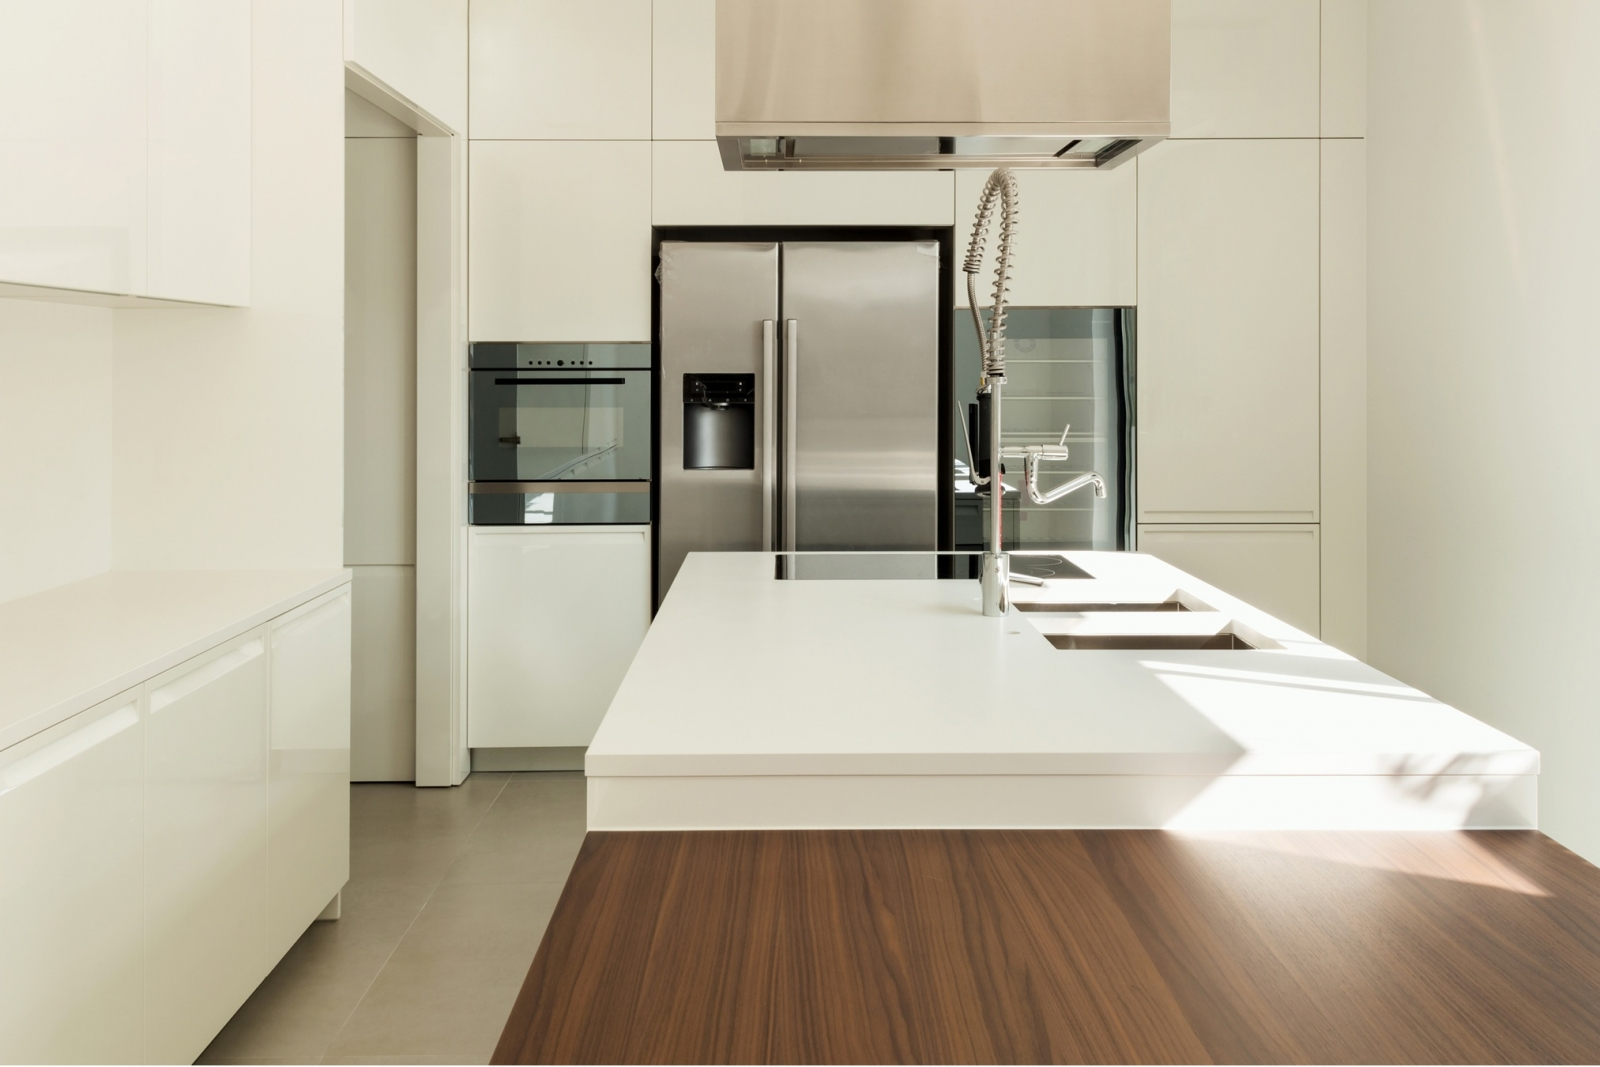 Corian keuken nadelen - Werkblad graniet prijzen keuken ...